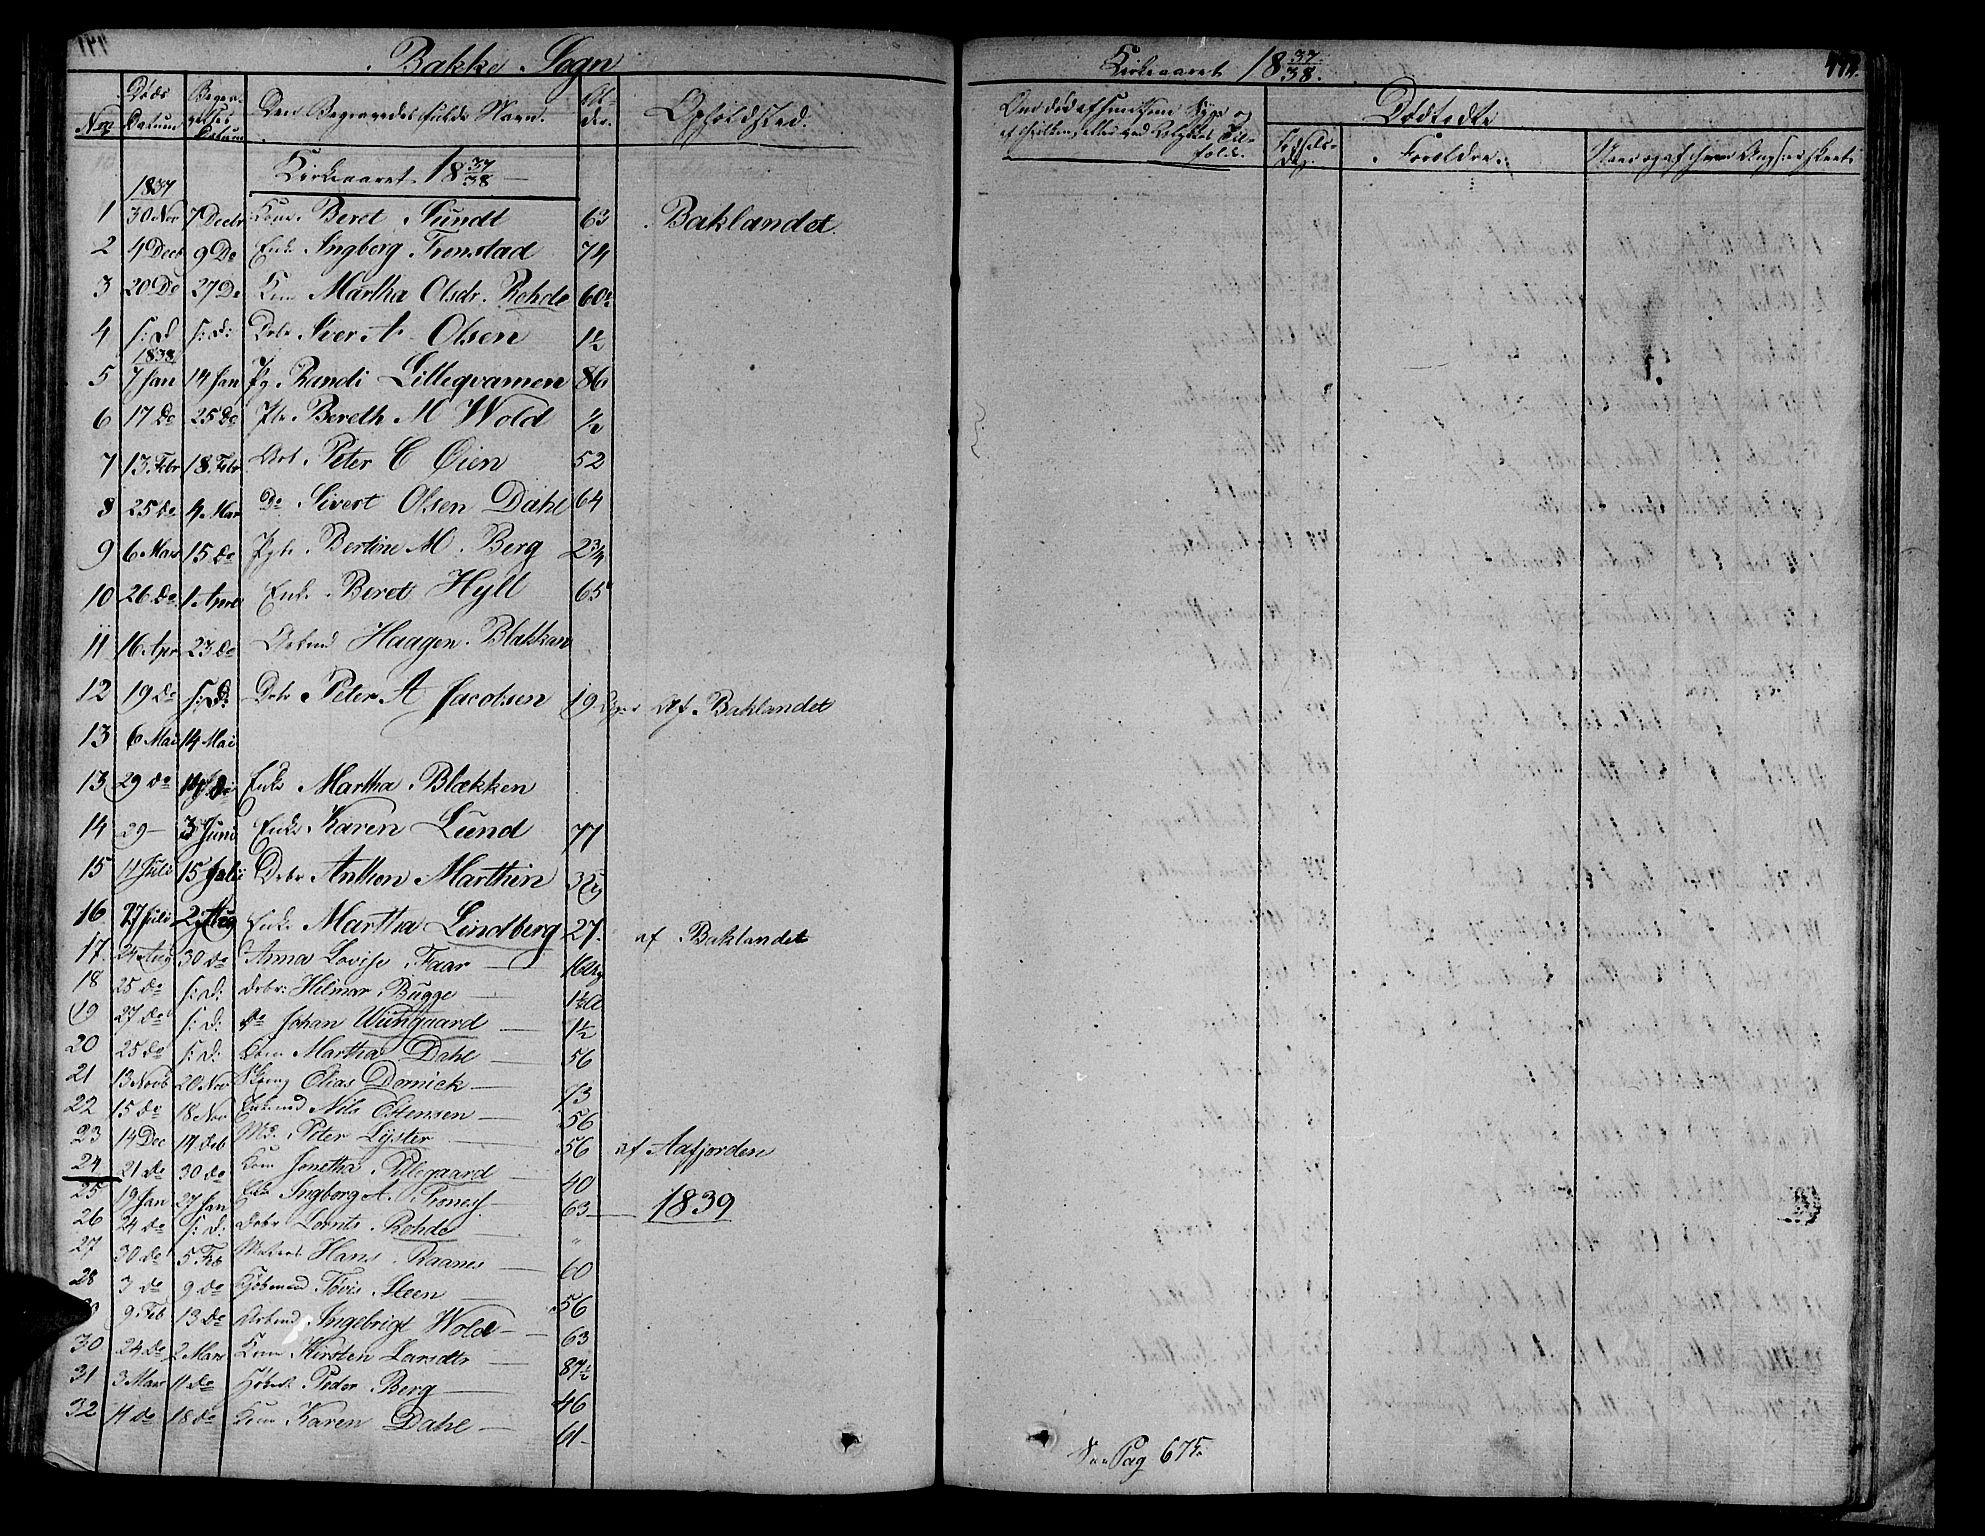 SAT, Ministerialprotokoller, klokkerbøker og fødselsregistre - Sør-Trøndelag, 606/L0287: Ministerialbok nr. 606A04 /2, 1826-1840, s. 492